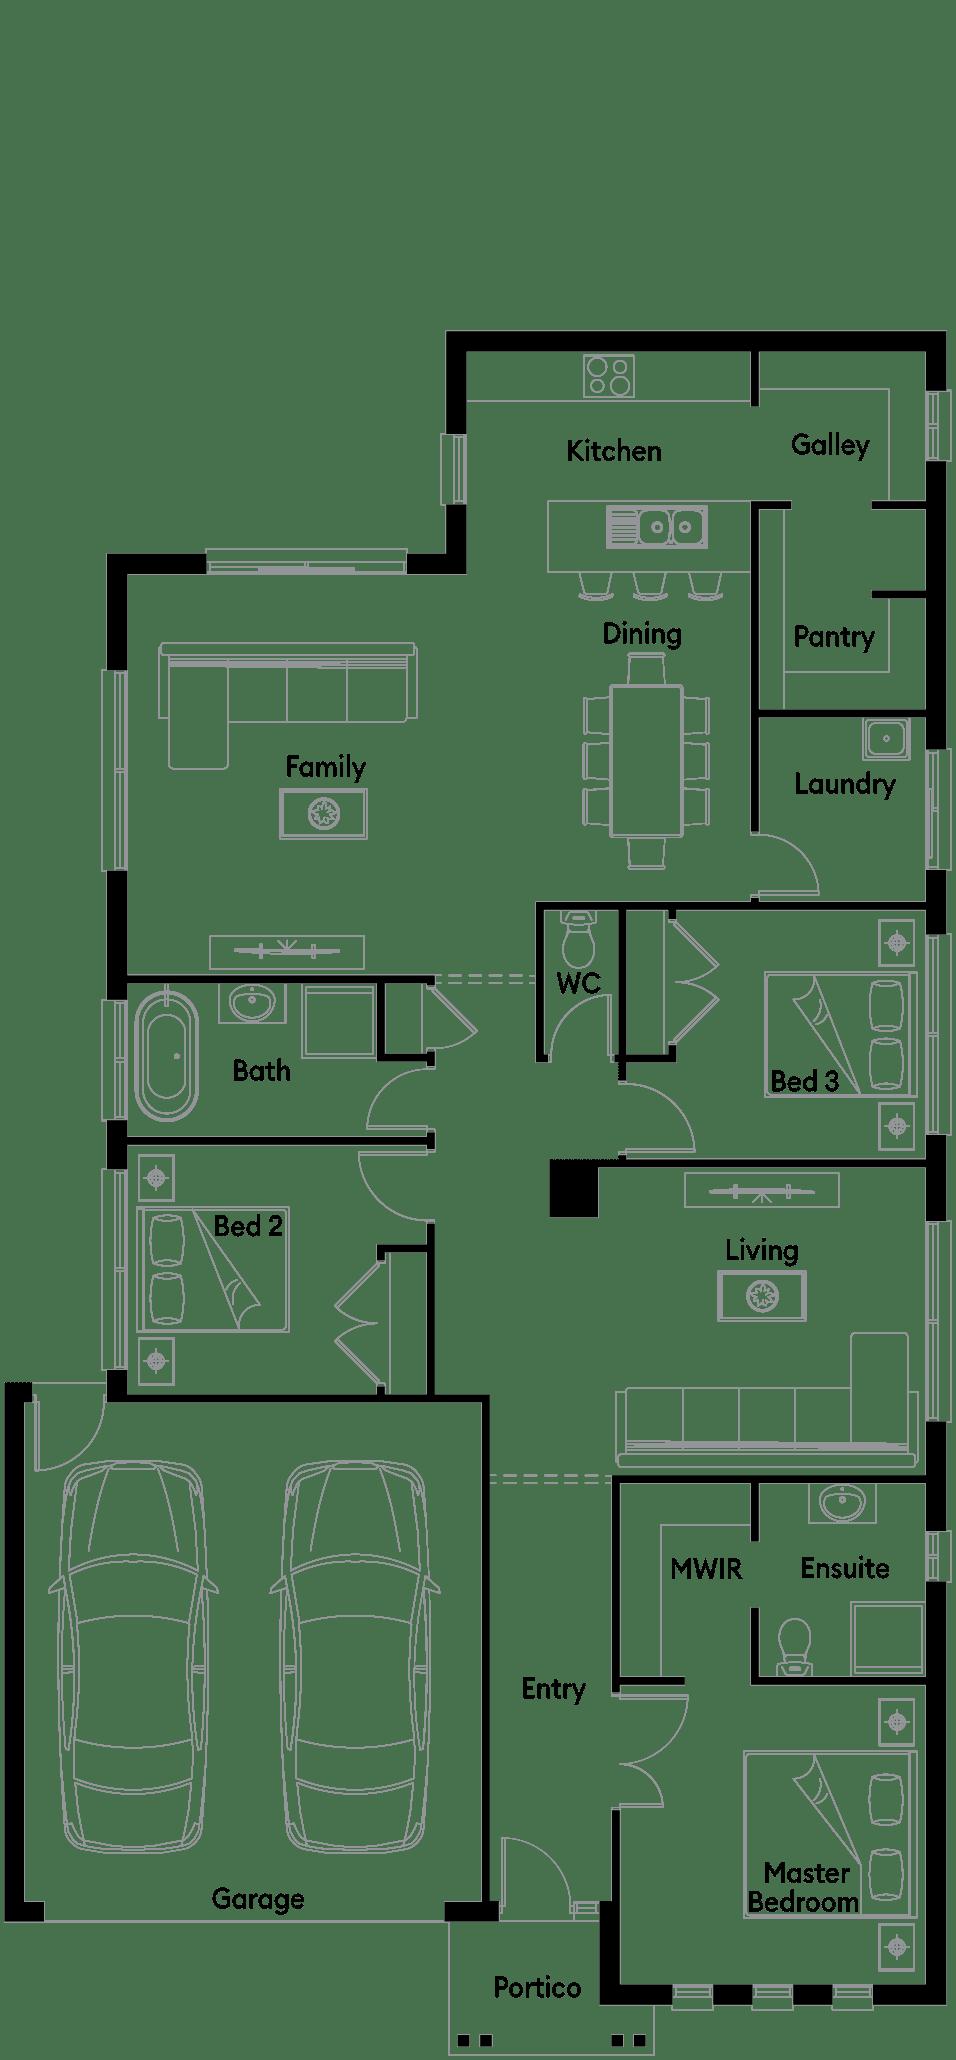 FloorPlan1_HOUSE763_Midland_21-1